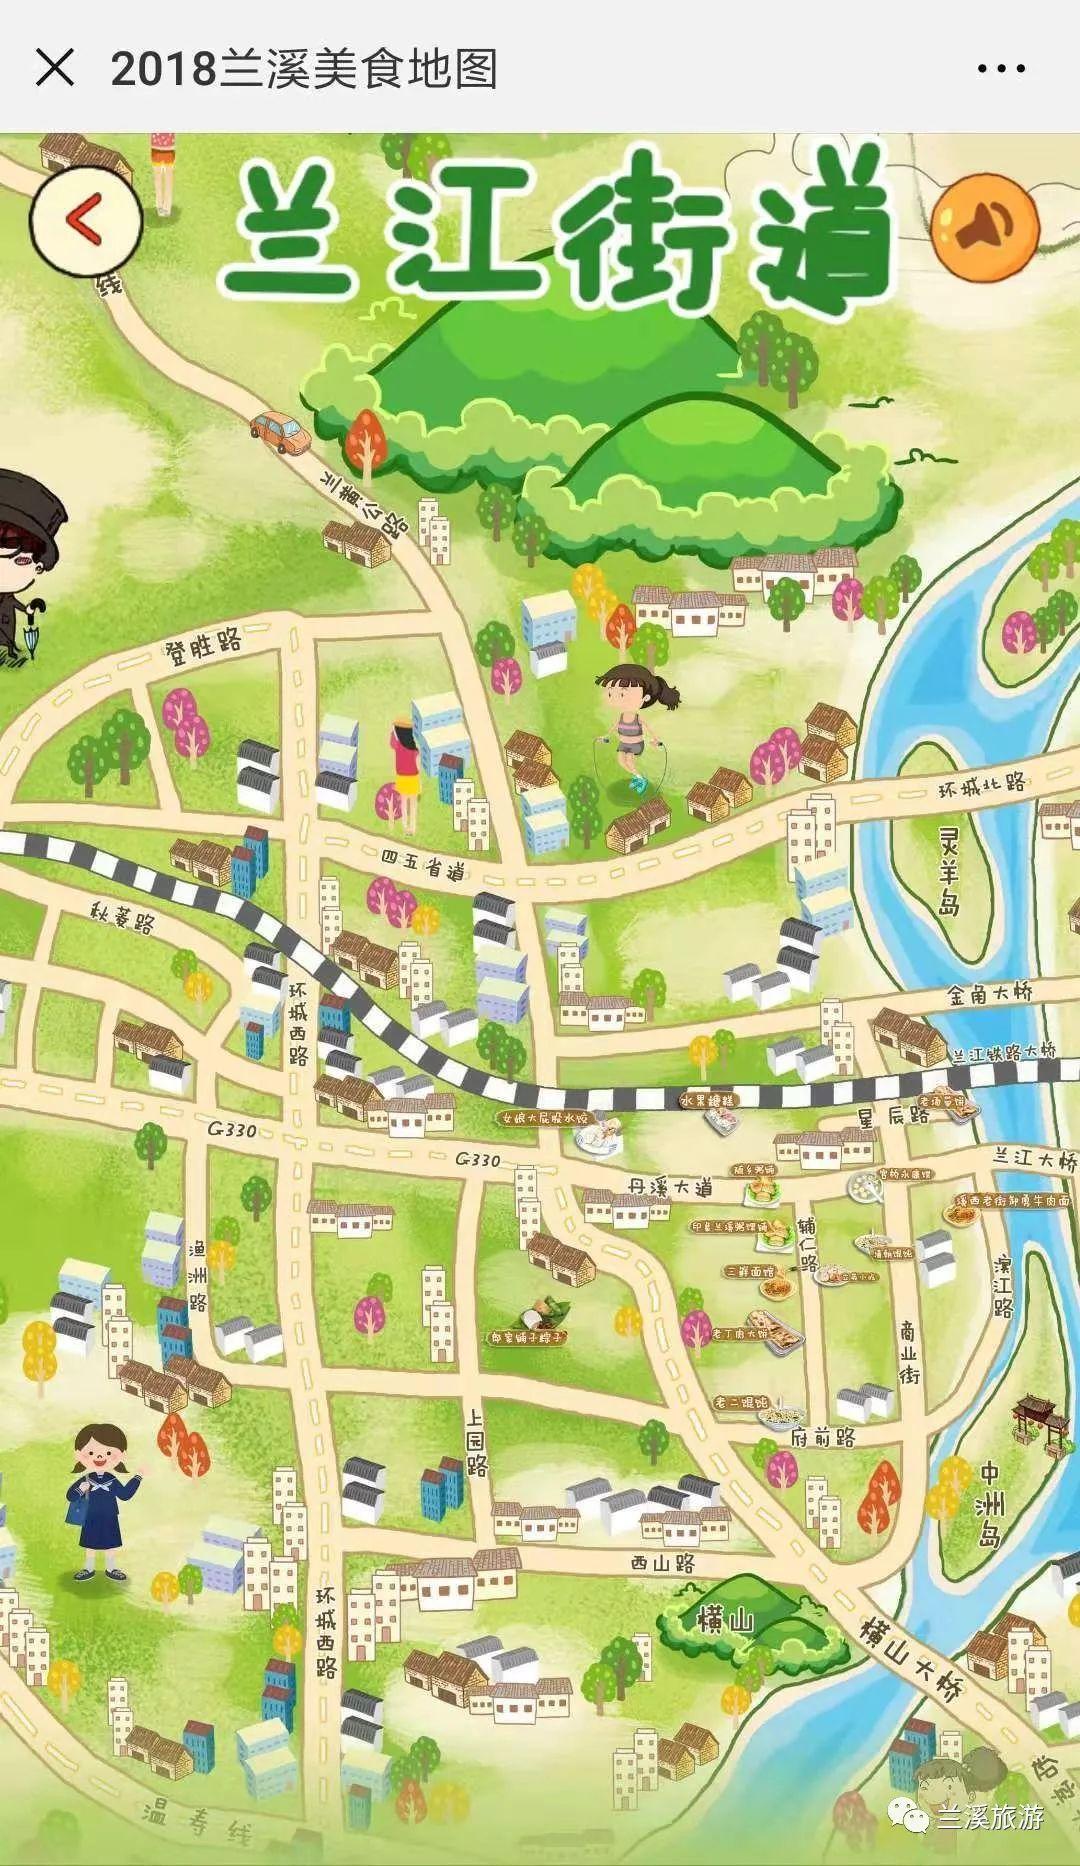 八婺|有了这份兰溪美食手绘地图,兰溪美食小吃店全知道!